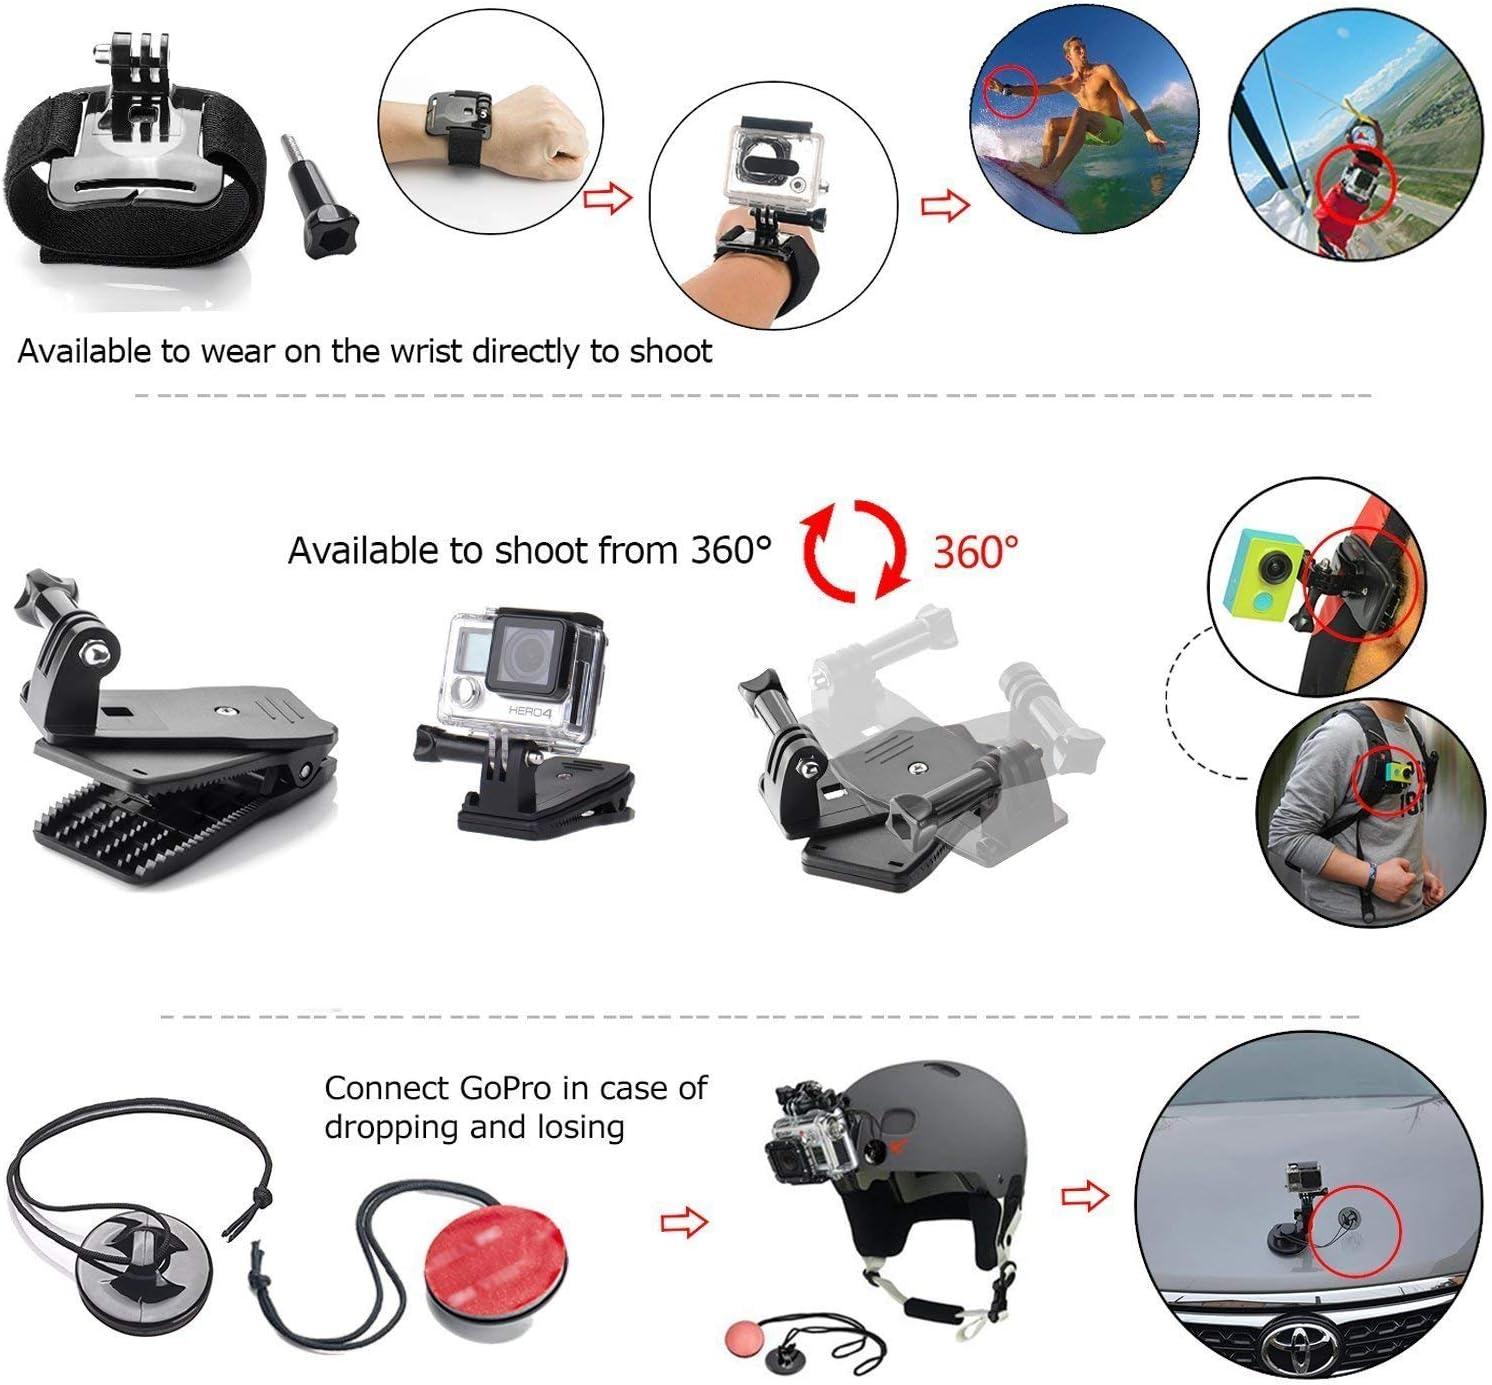 Zookki 40 en 1 Accesorios Kit para GoPro Hero 5 4 3+ 3 2 1 Black Silver, Deportes Cámara Conjunto para SJ4000 SJ5000 SJ6000/ Xiaomi Yi/Lightdow/WiMiUS/DBPOWER: Amazon.es: Electrónica